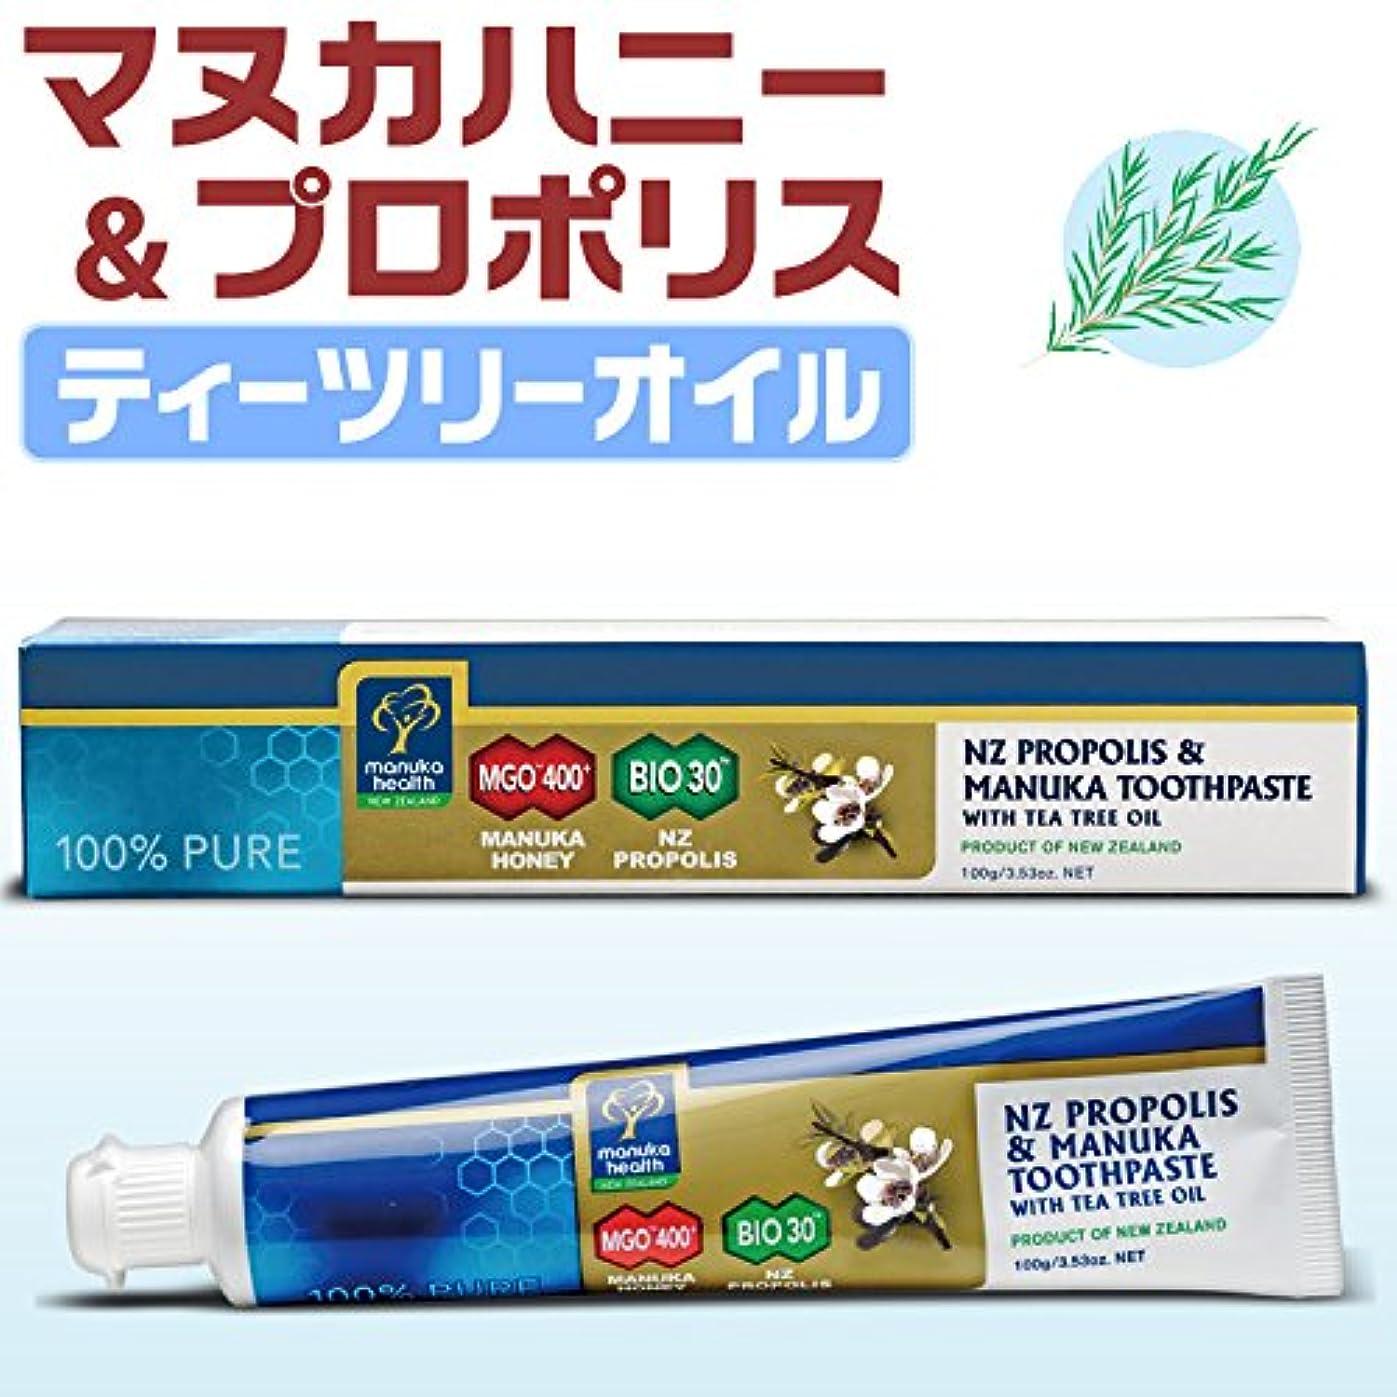 任命する測定可能ポンドプロポリス&マヌカハニー MGO400+ ティーツリーオイル 歯磨き粉 [100g]青